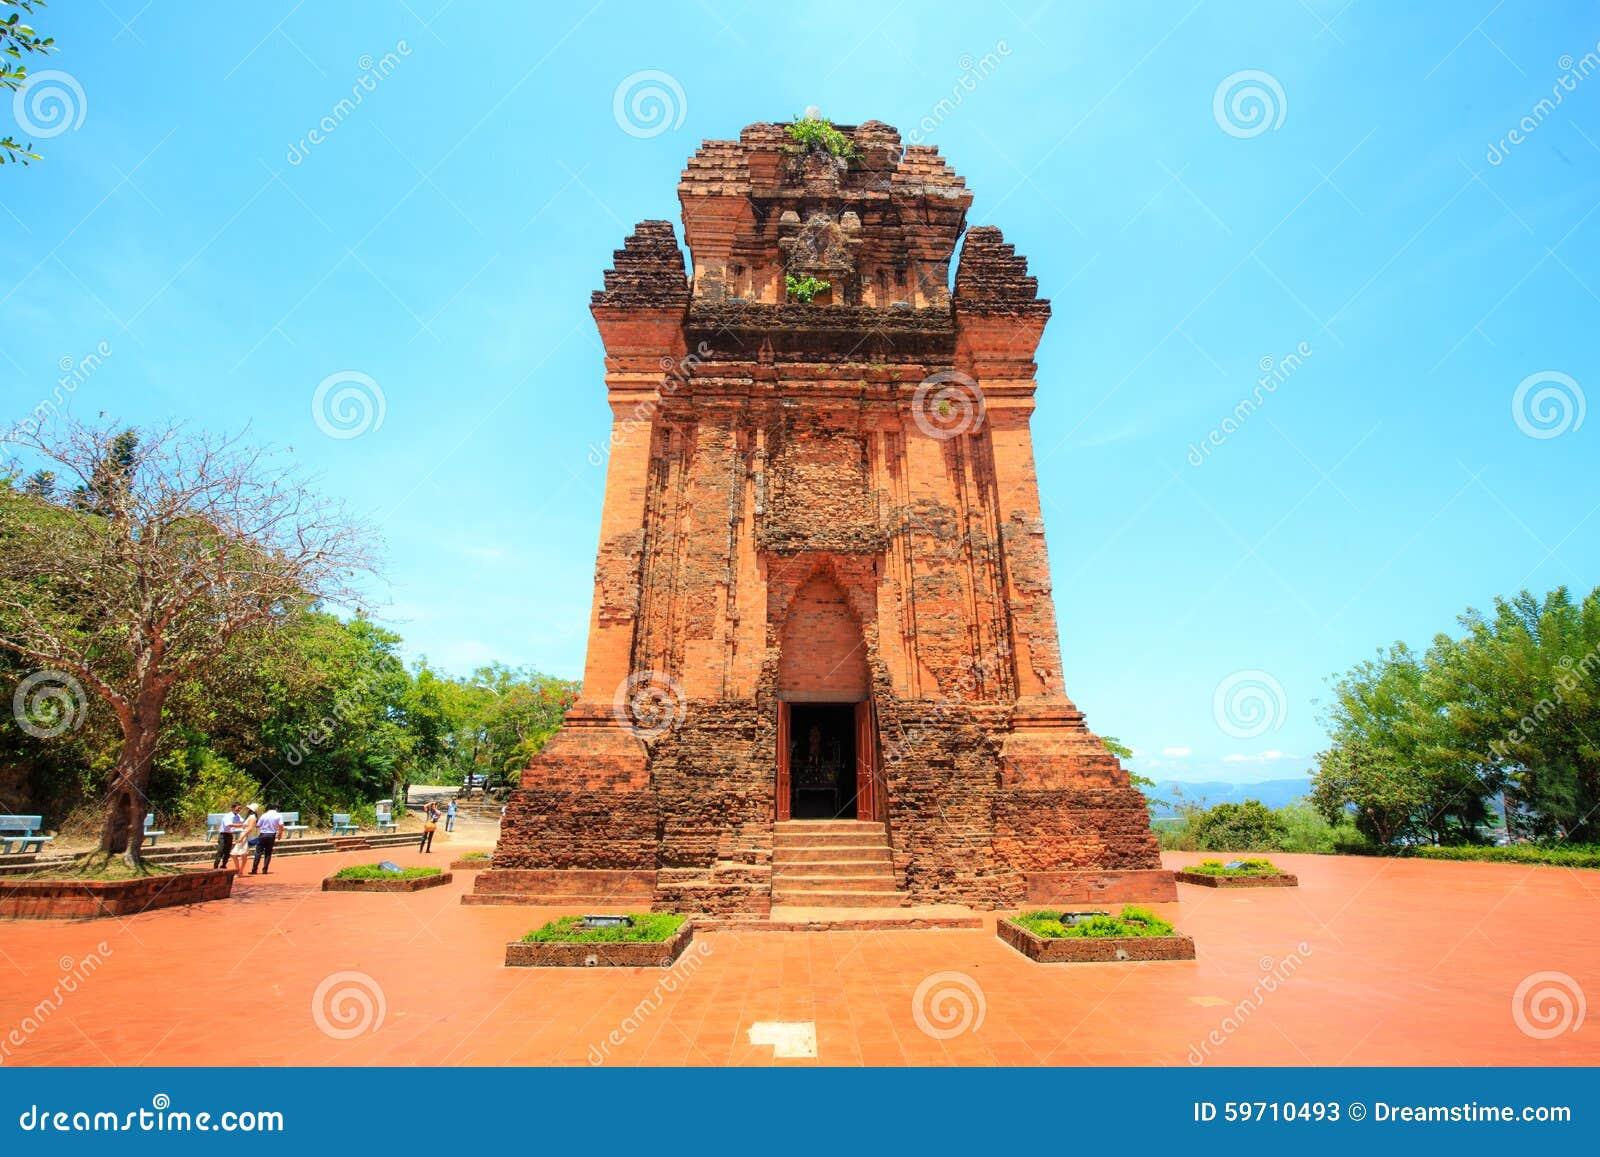 Αρχαίοι ναοί των ανθρώπων Cham στην επαρχία γεν Phu, Βιετνάμ